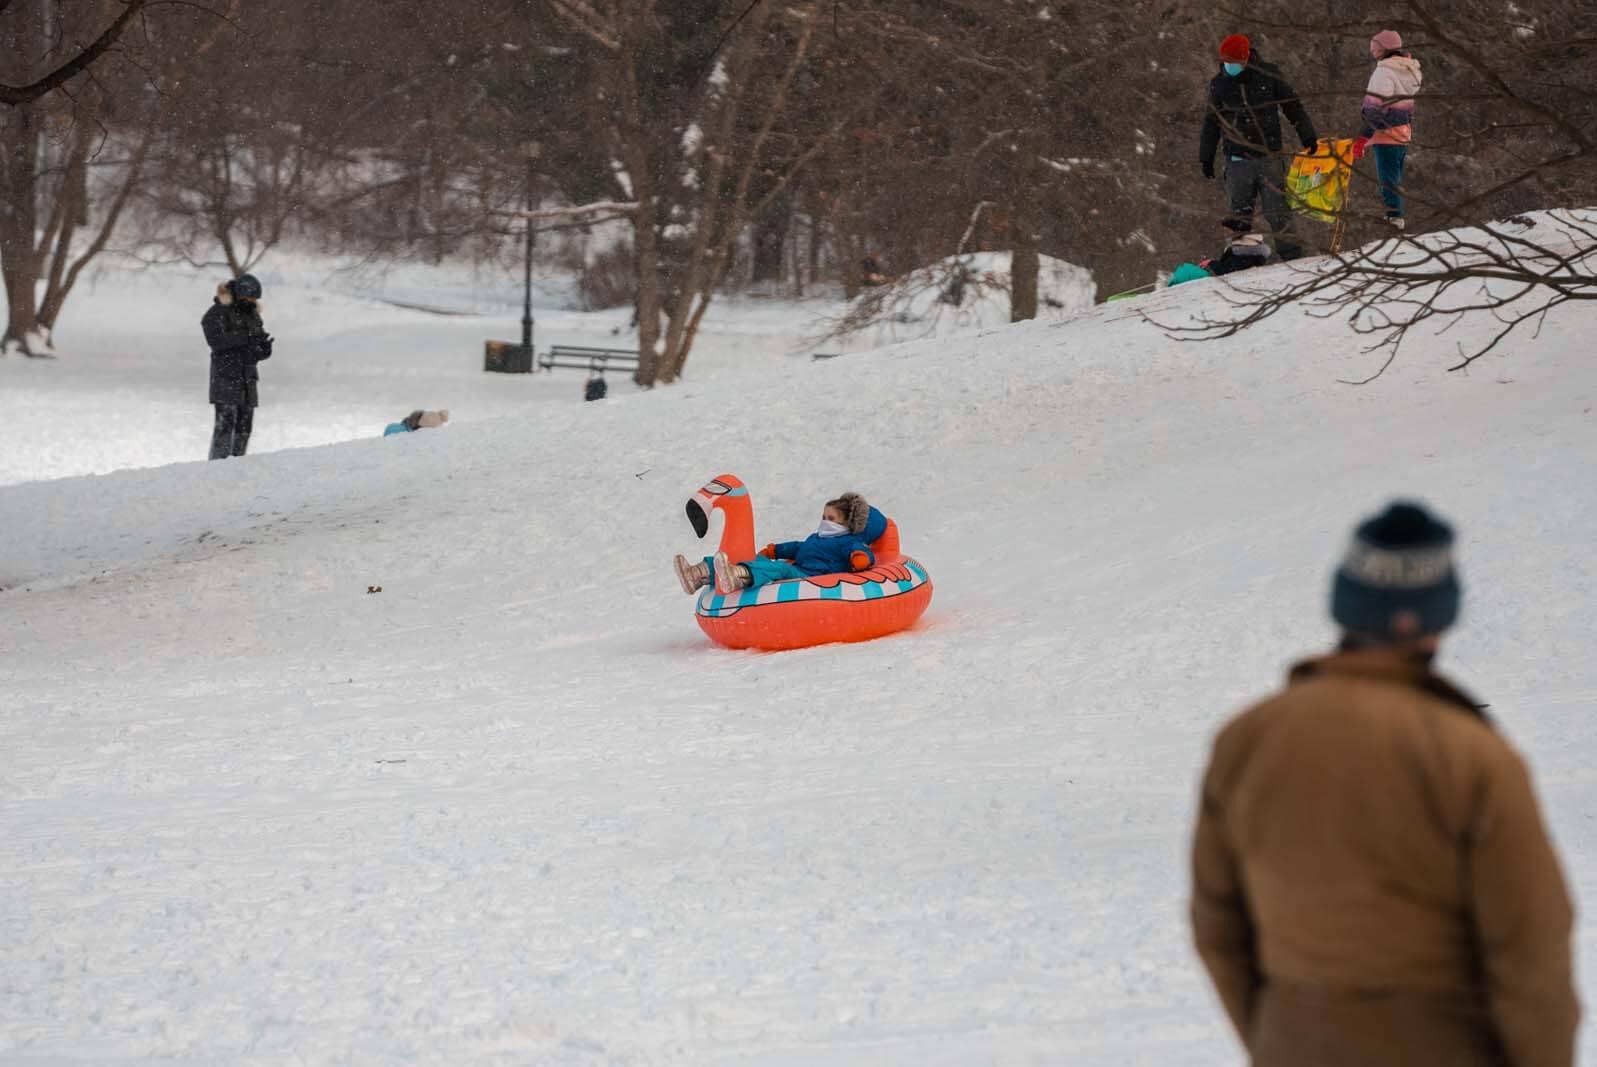 sledding in prospect park in the winter in nyc